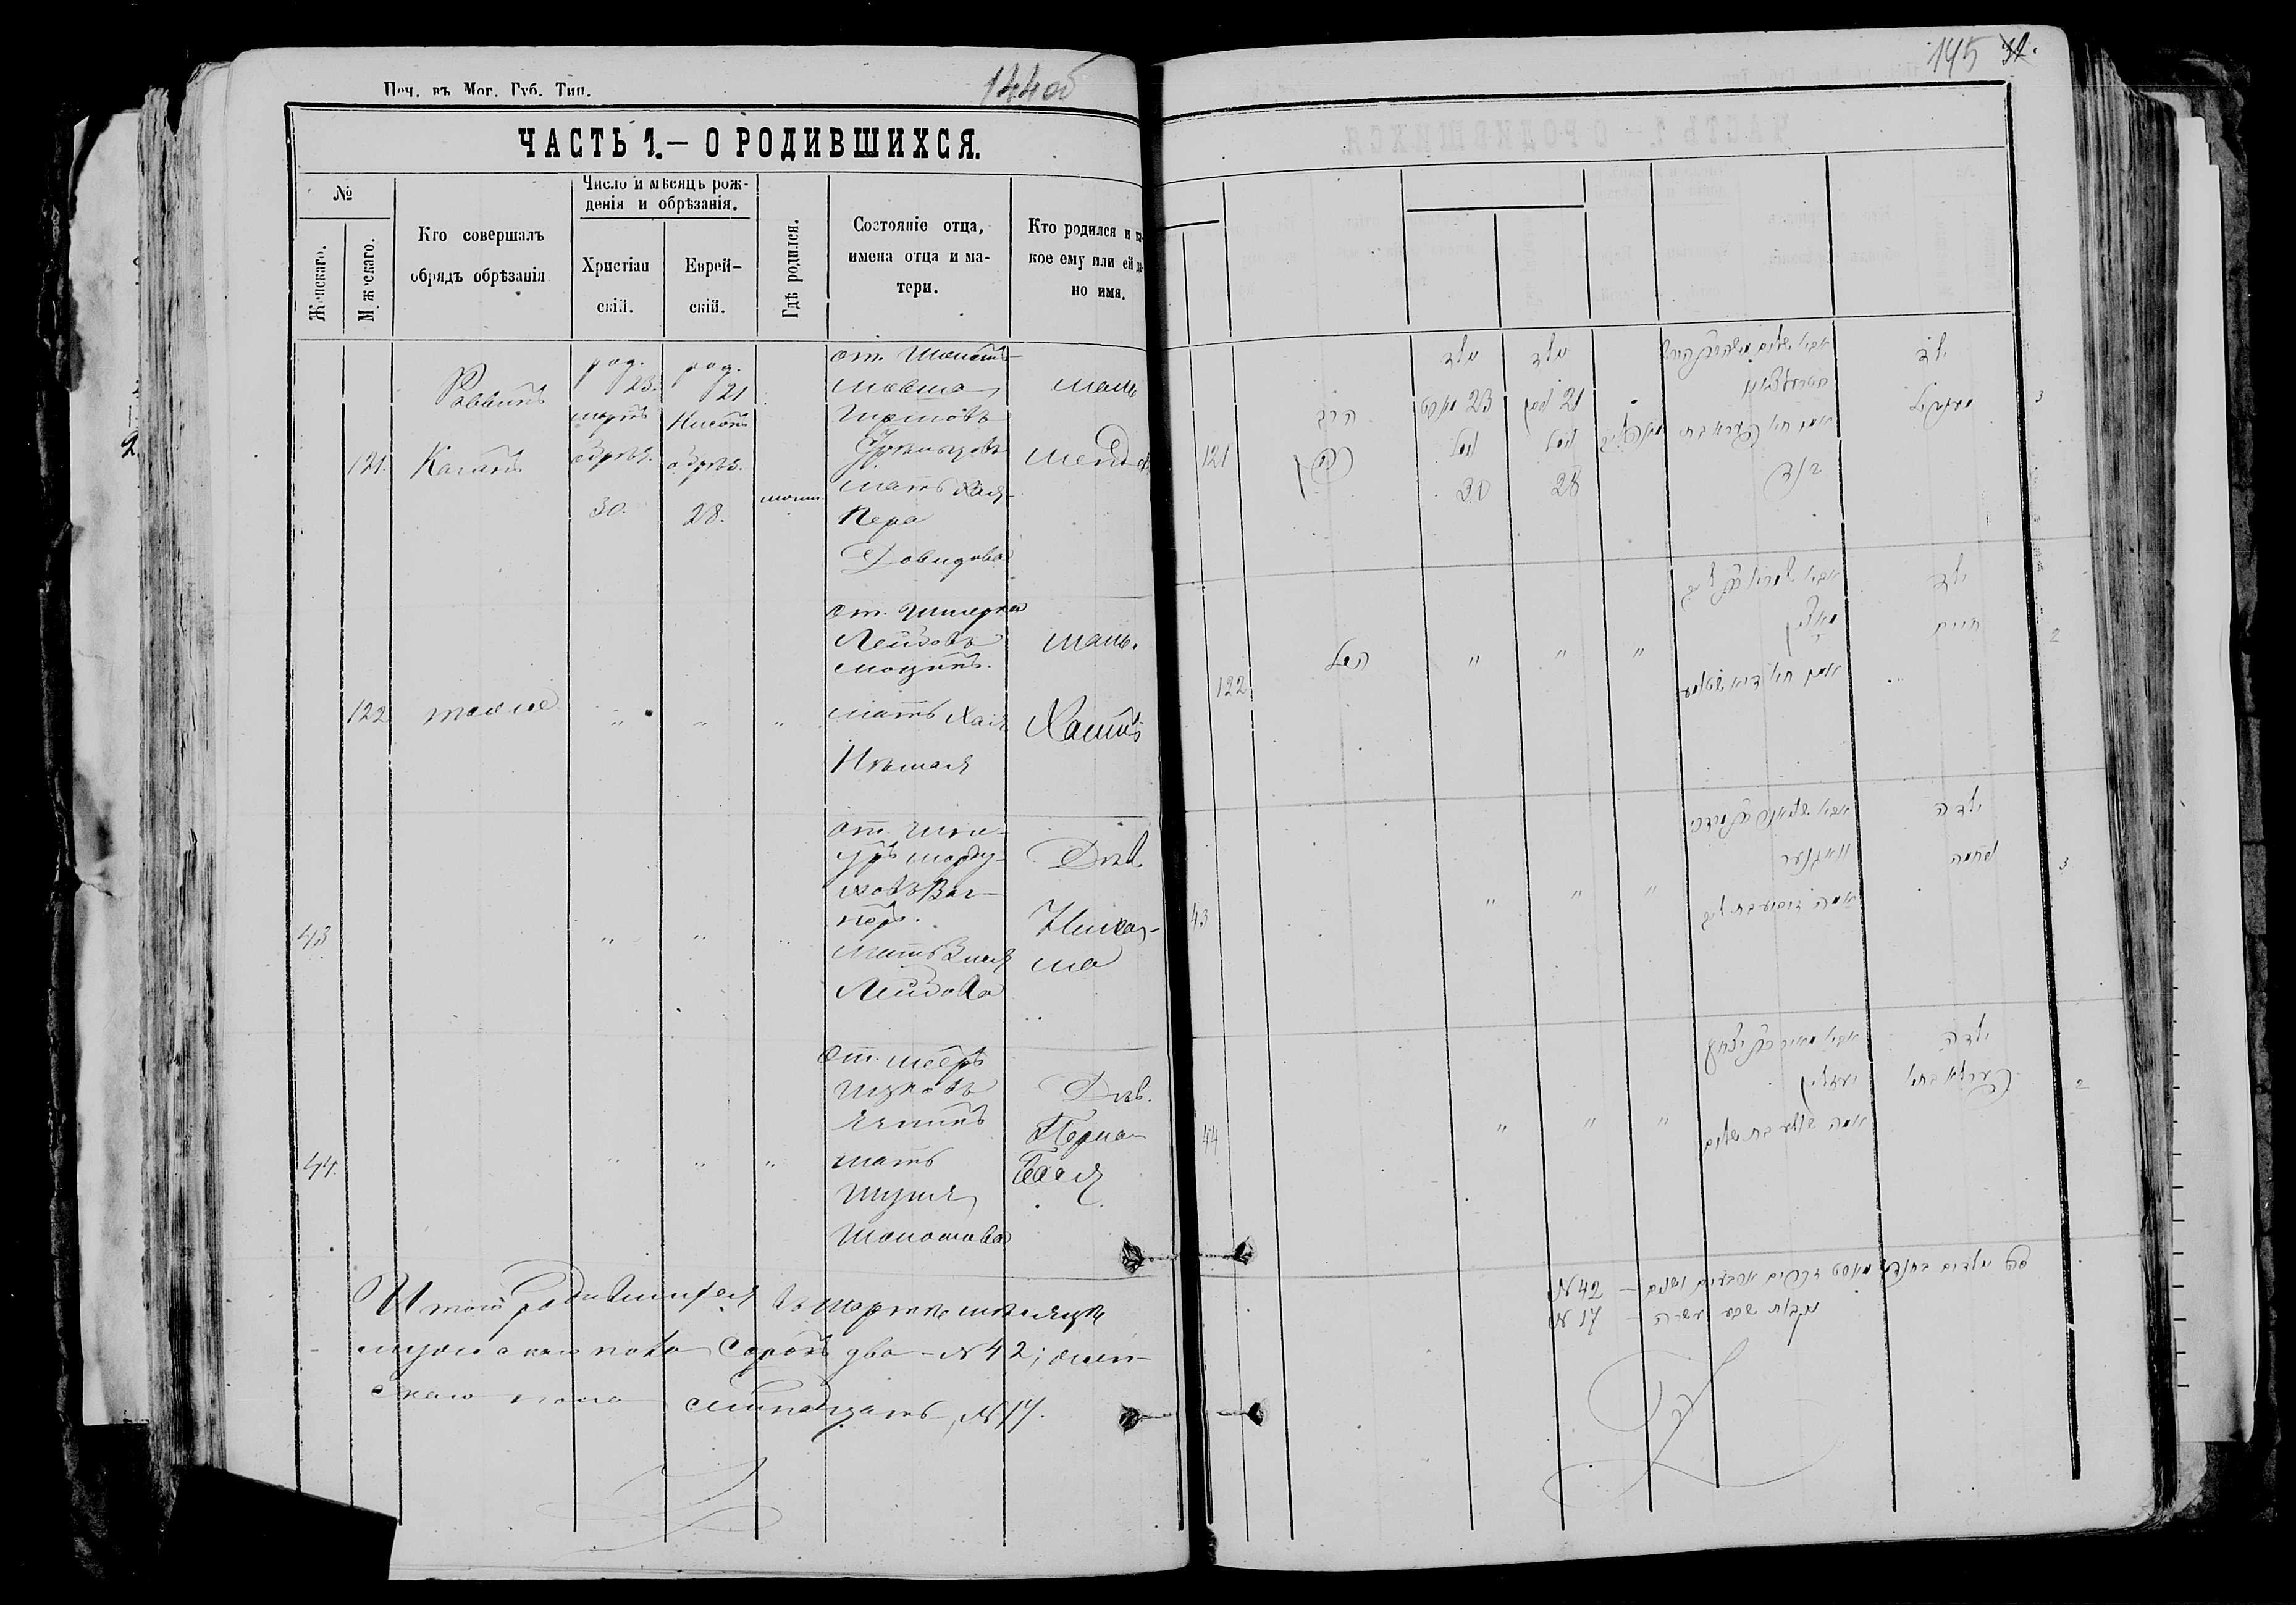 Мендель Шолом-Мовшевич Стрельцов 23 марта 1877, запись 121, пленка 007766481, снимок 693